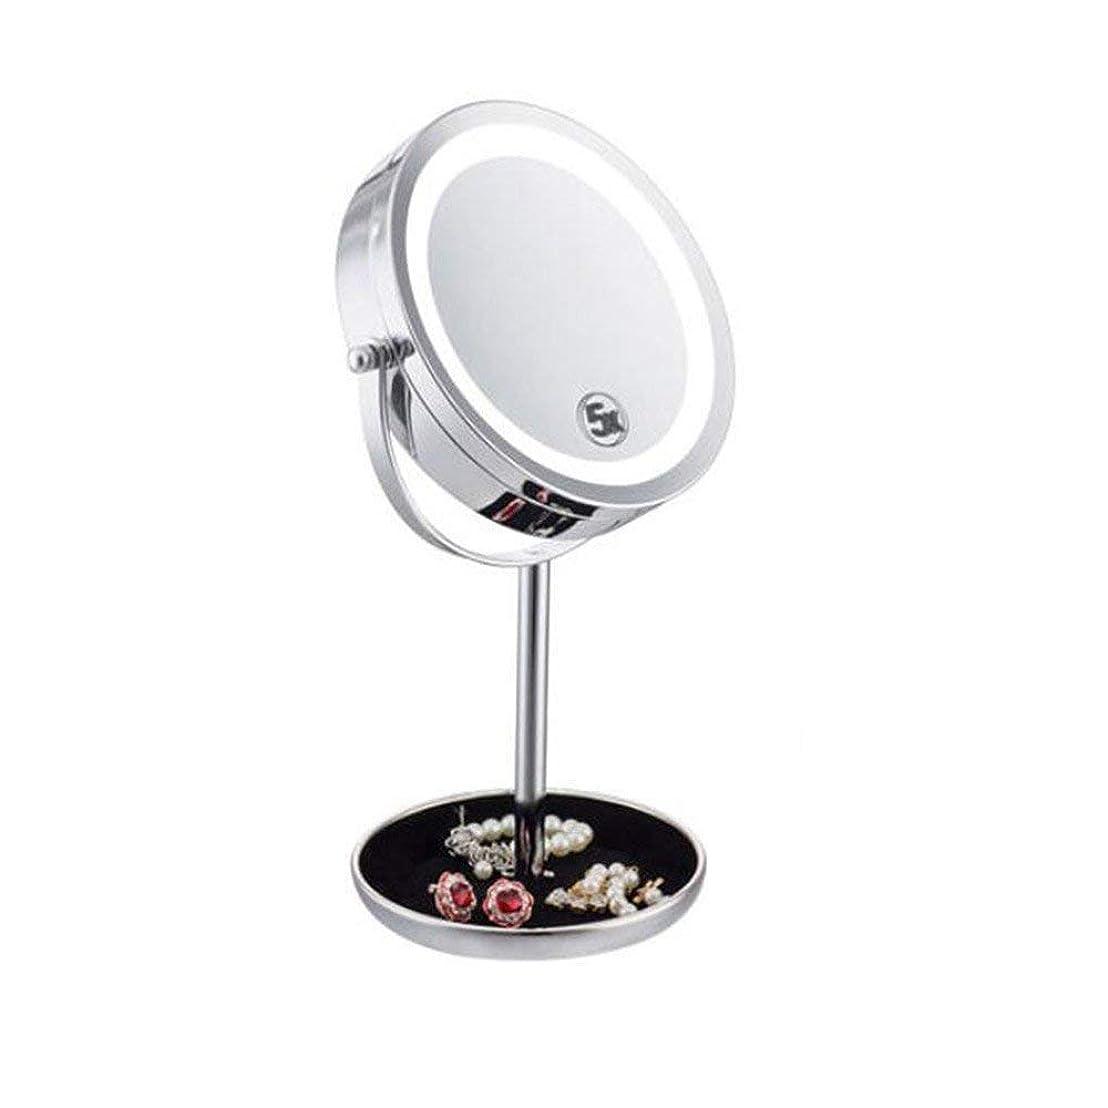 ピルファーアフリカフレアLEDライトライトメイクアップミラー両面5倍虫眼鏡360o回転テーブルタッチセンサーミラー